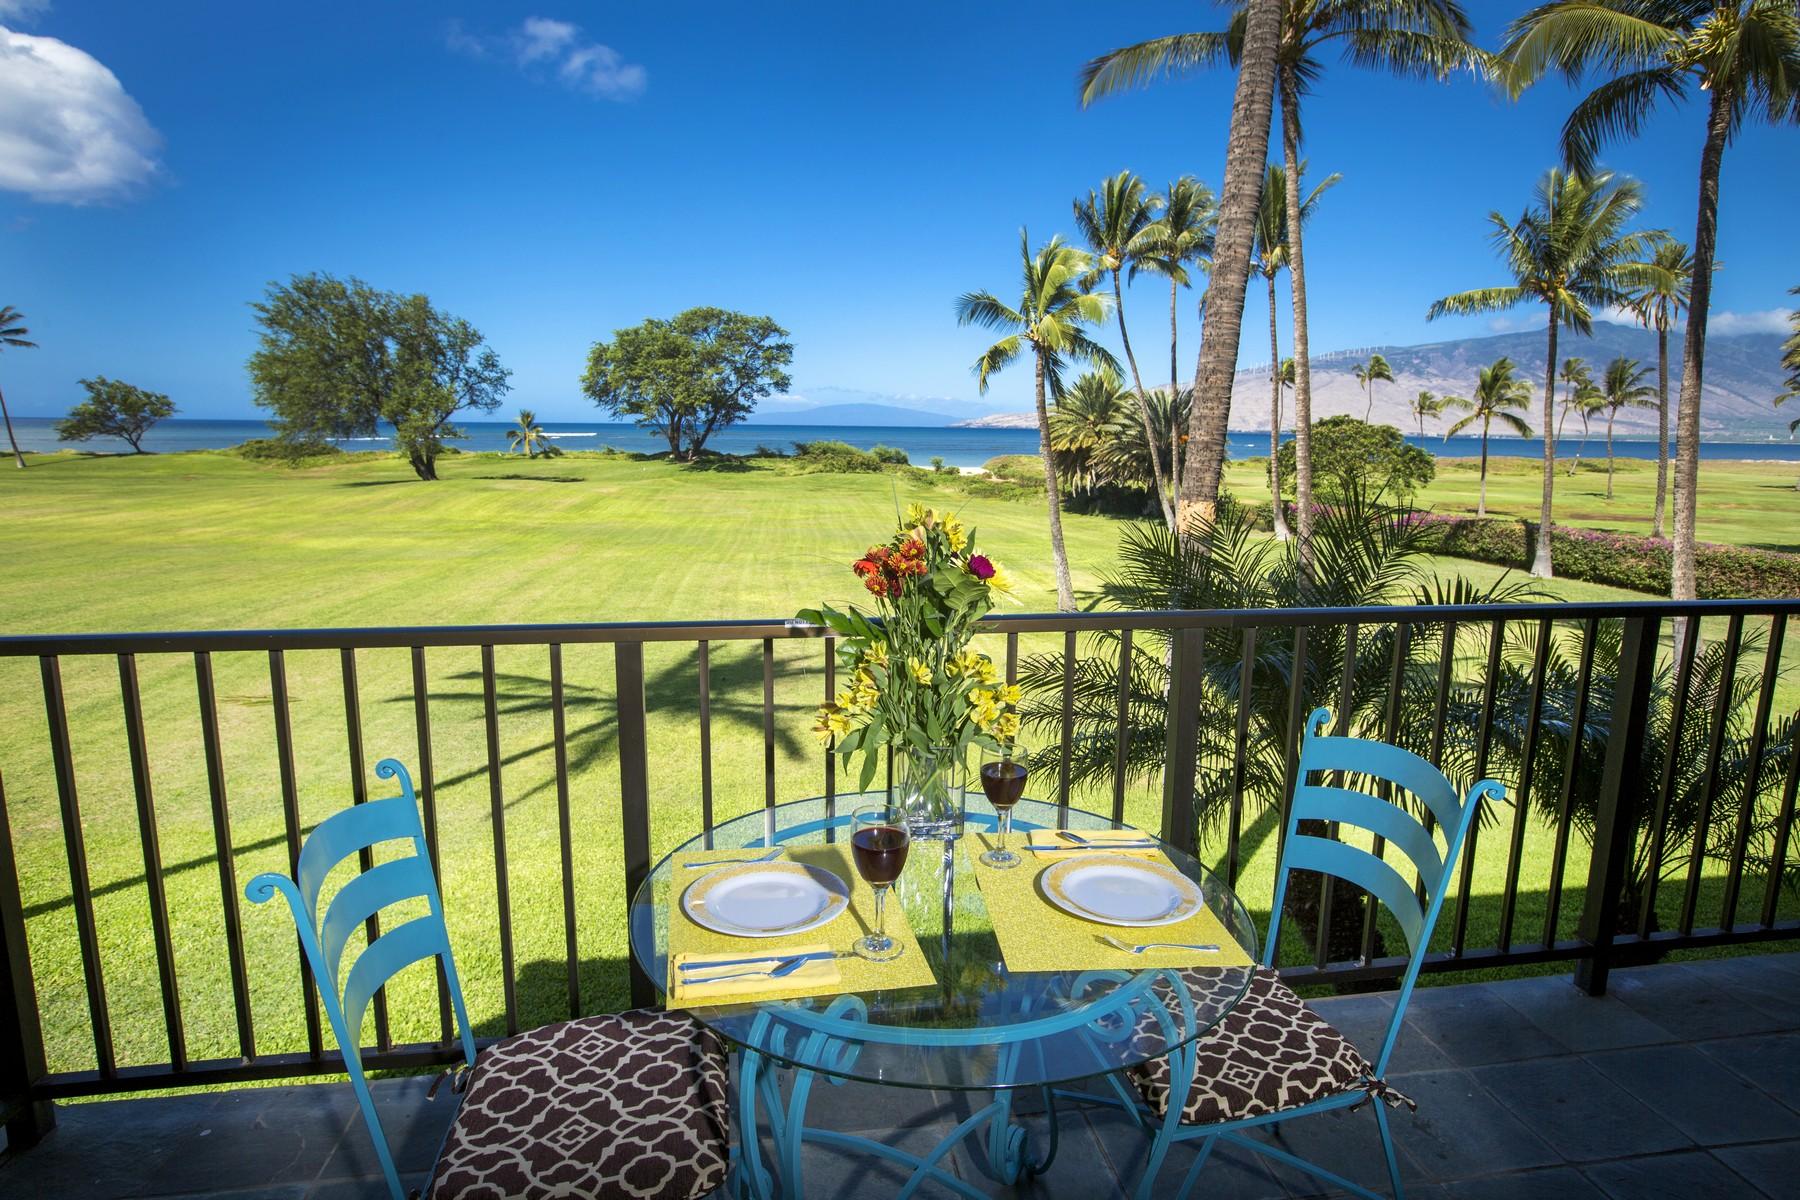 Eigentumswohnung für Verkauf beim Beachfront Living 940 South Kihei Road, Luana Kai A-202 Kihei, Hawaii 96753 Vereinigte Staaten